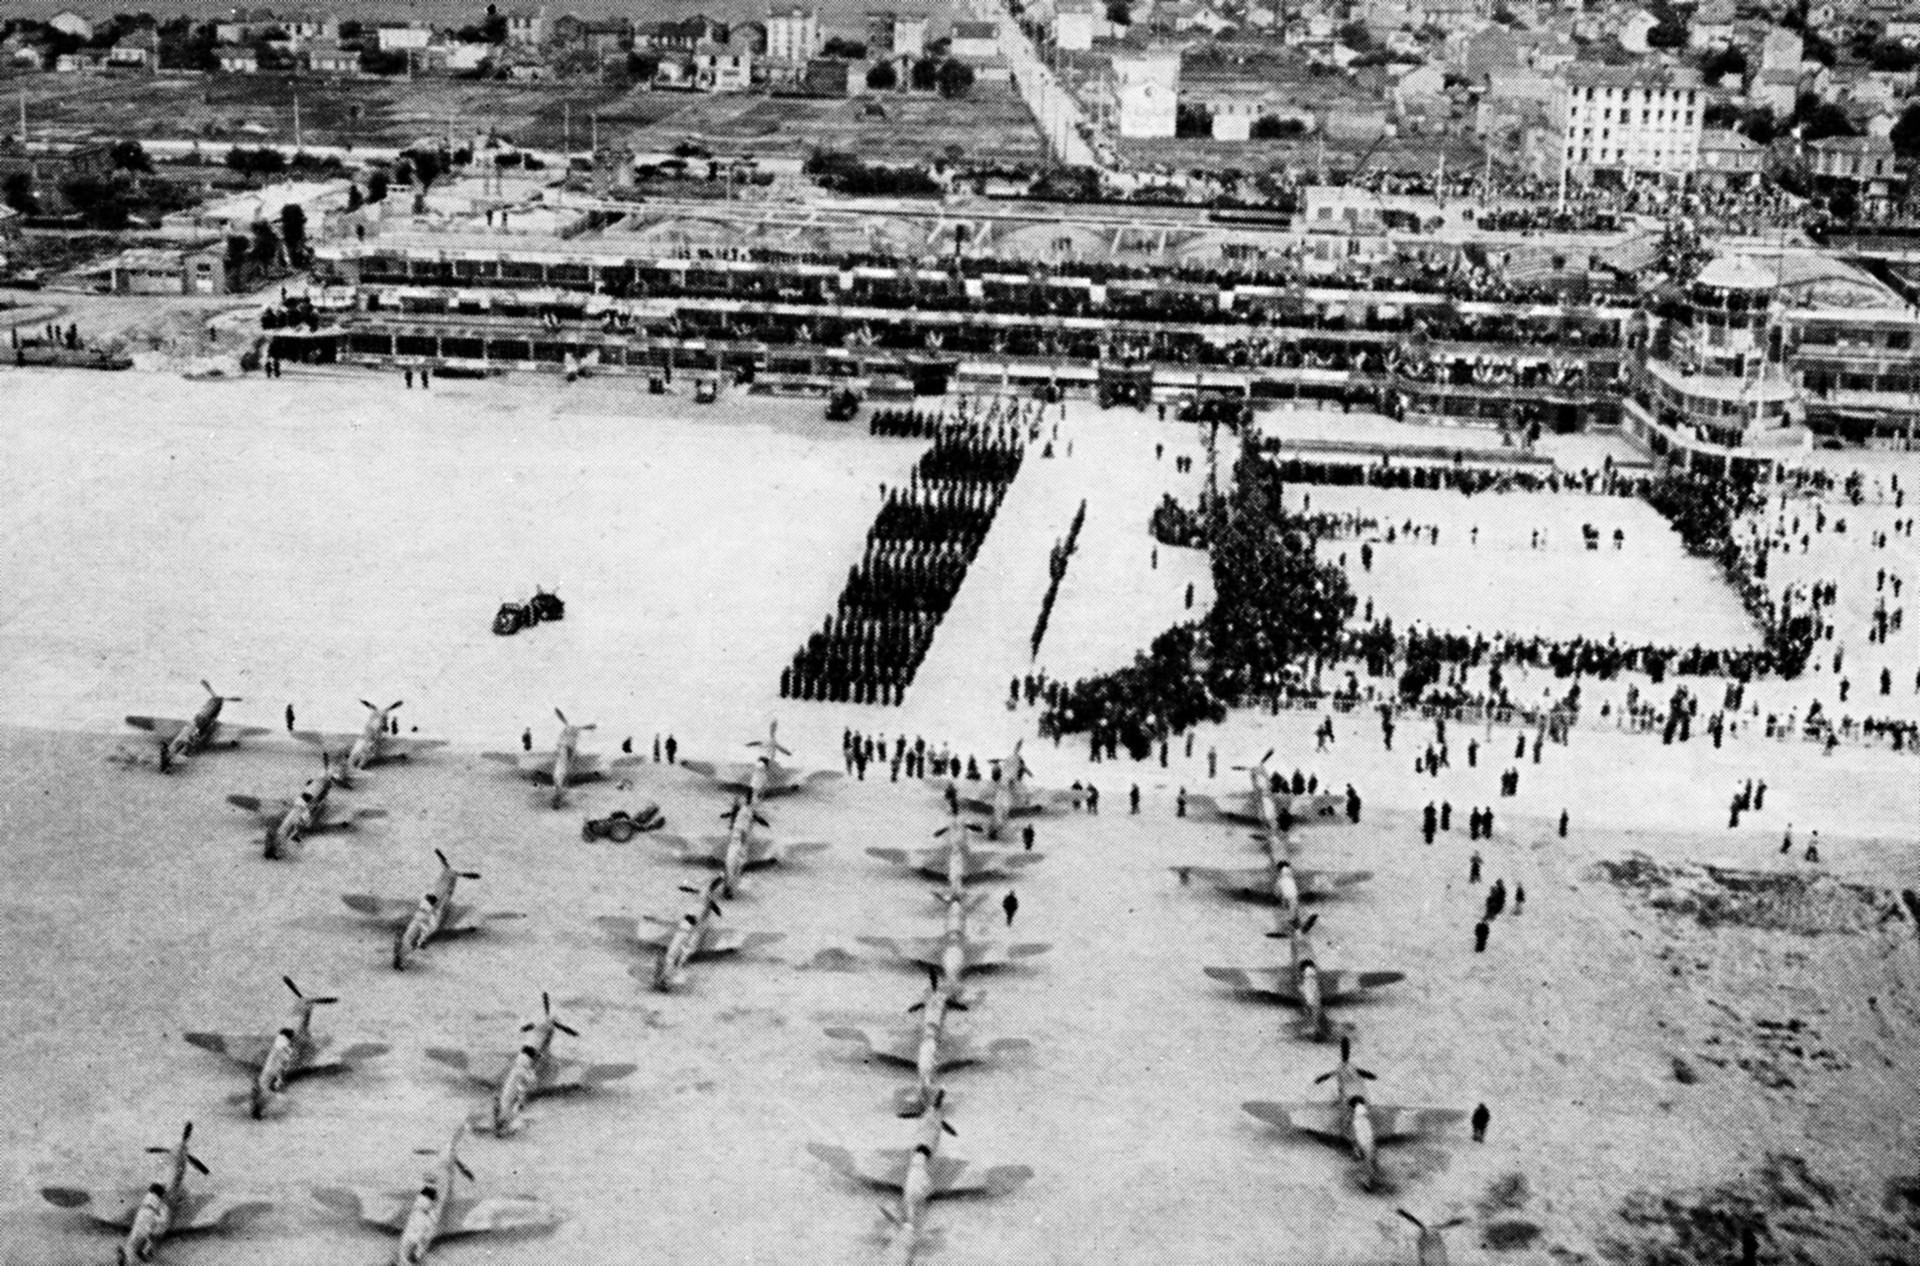 Vue aérienne de l'aéroport du Bourget, le 20 juin 1945